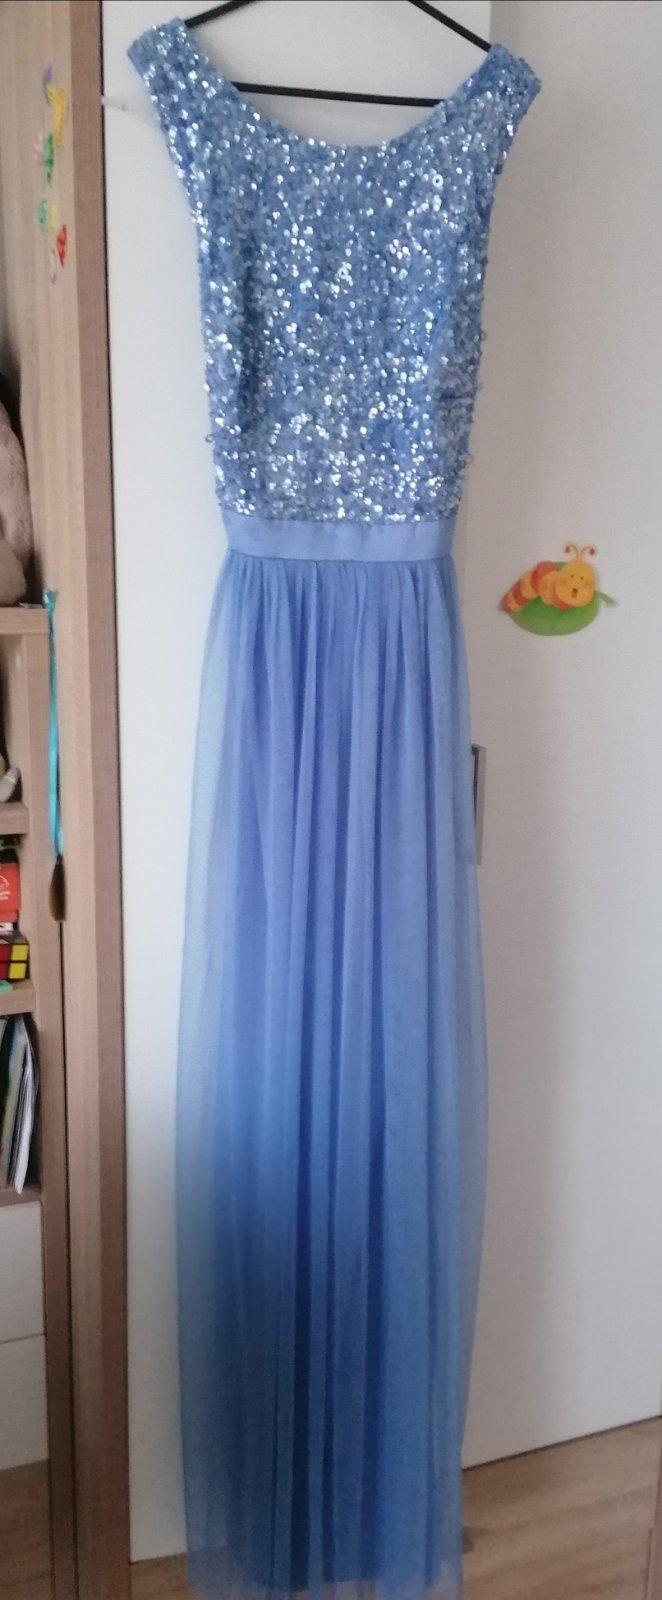 moderné šaty - Obrázok č. 1